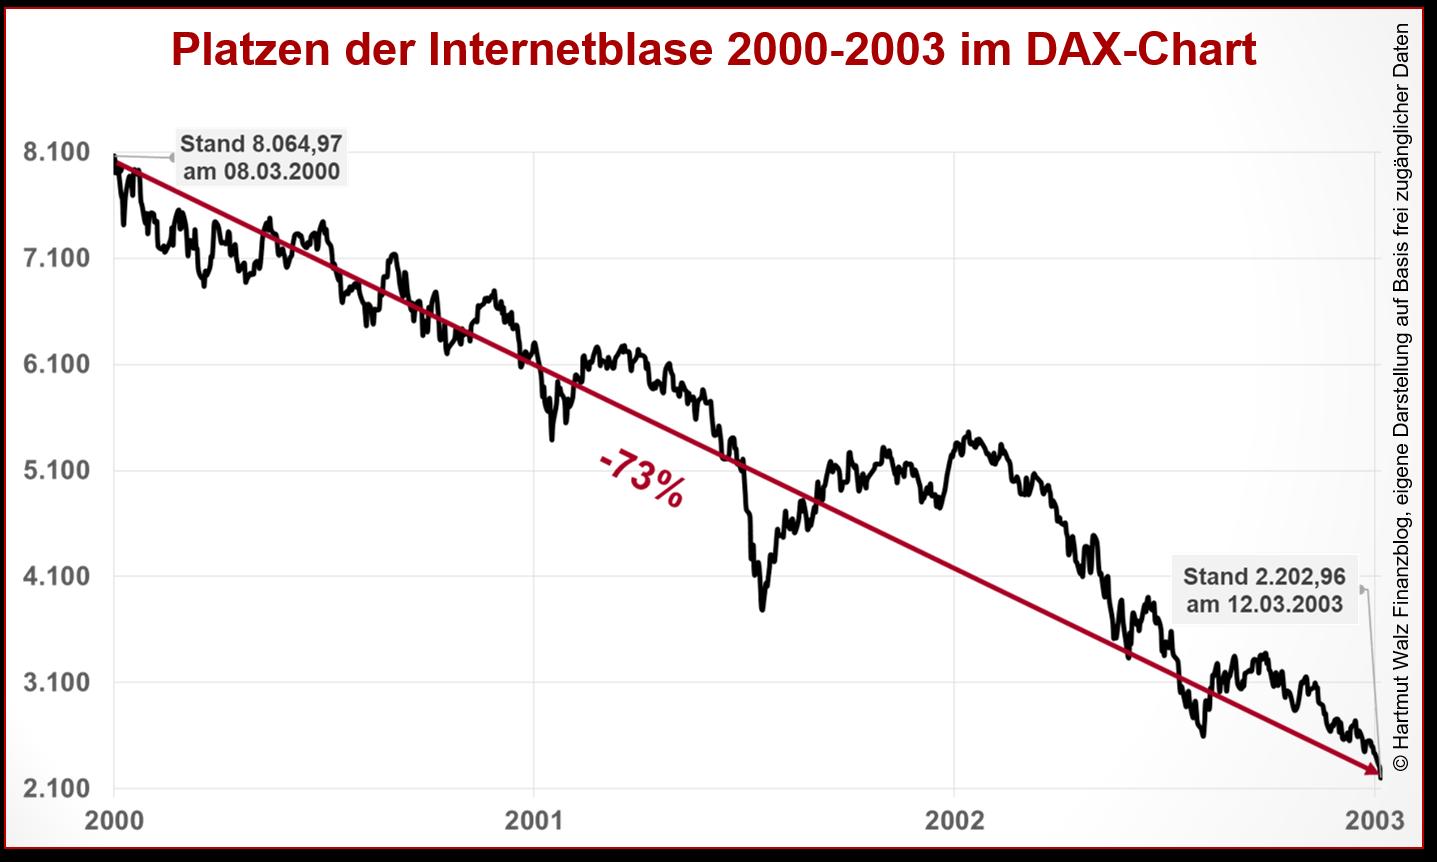 Platzen der Internetblase 2000-2003 im DAX-Chart